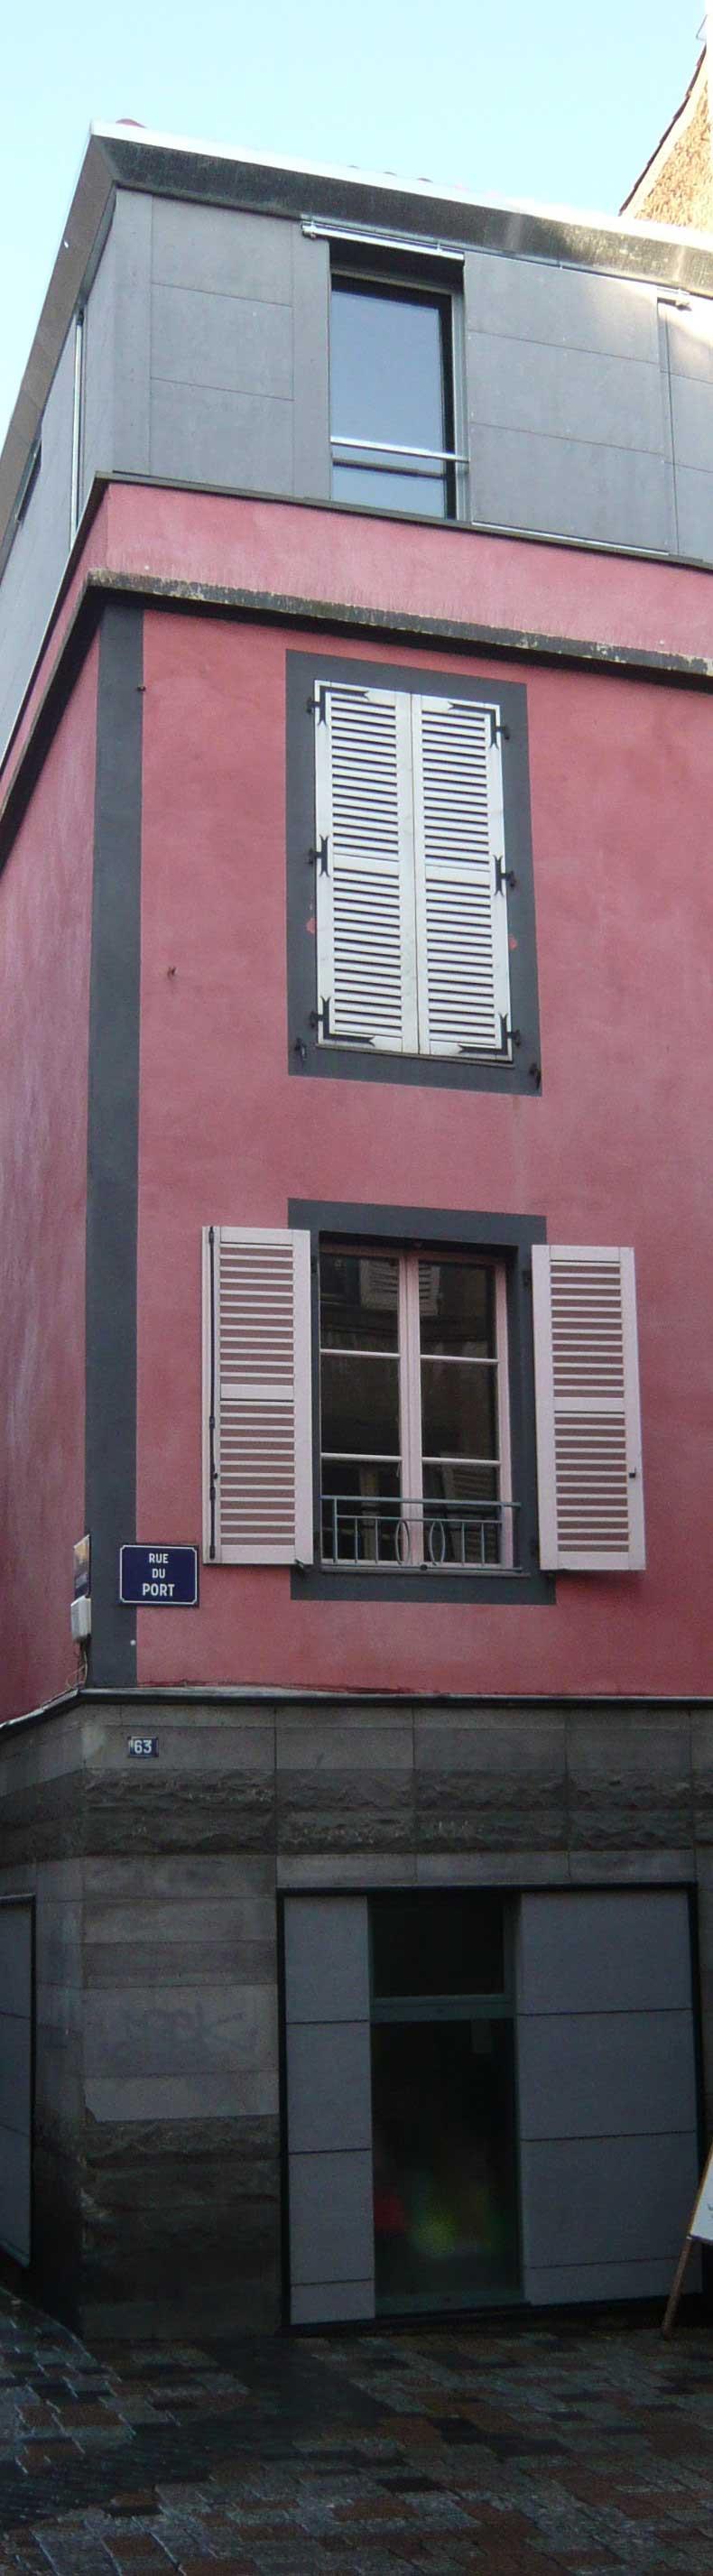 Facade surrélévation maison DD Clermont Ferrand